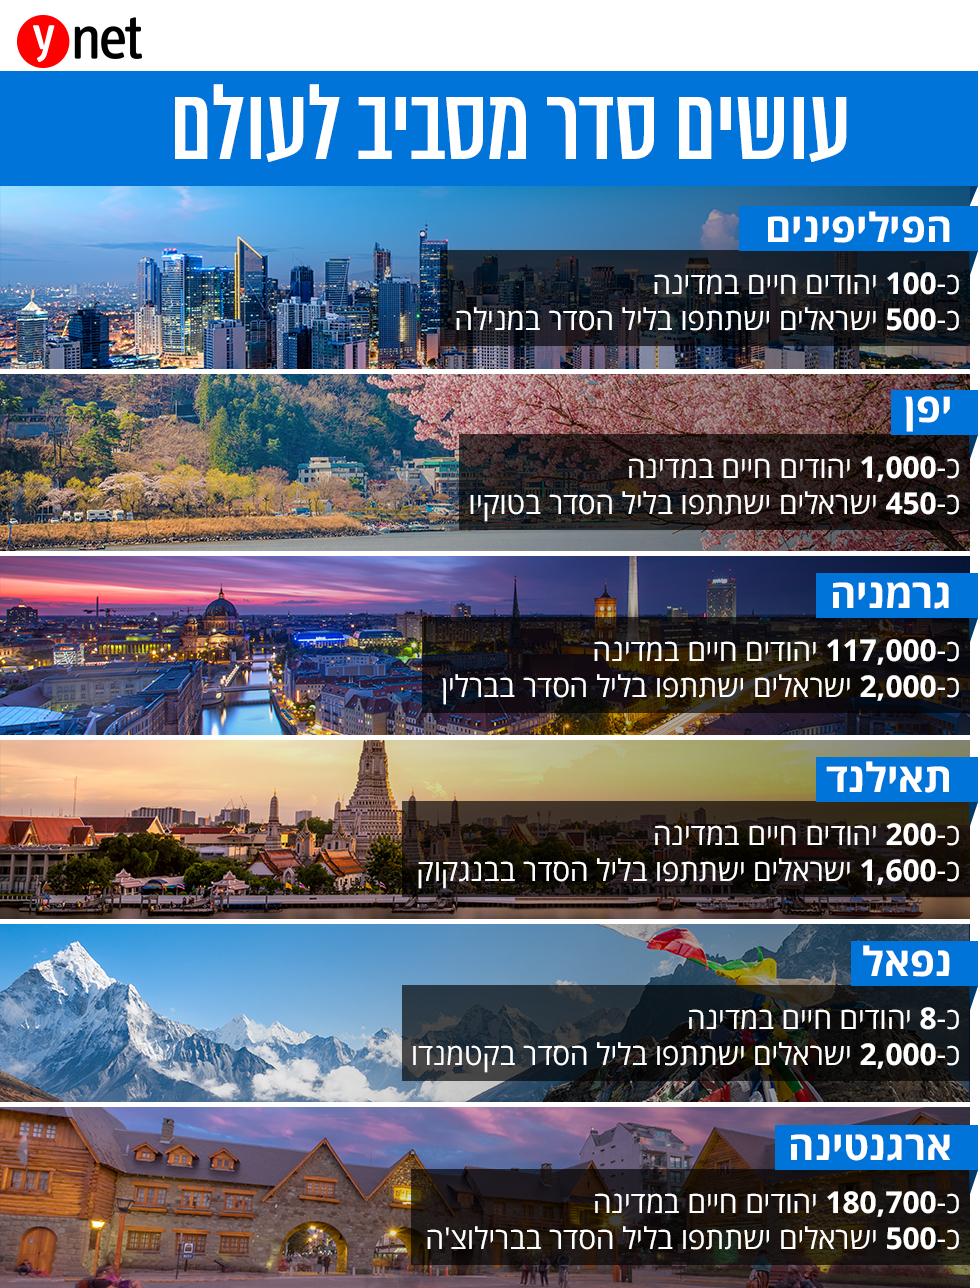 כמה יהודים יקחו חלק בליל הסדר ברחבי העולם (צילום: shutterstock)